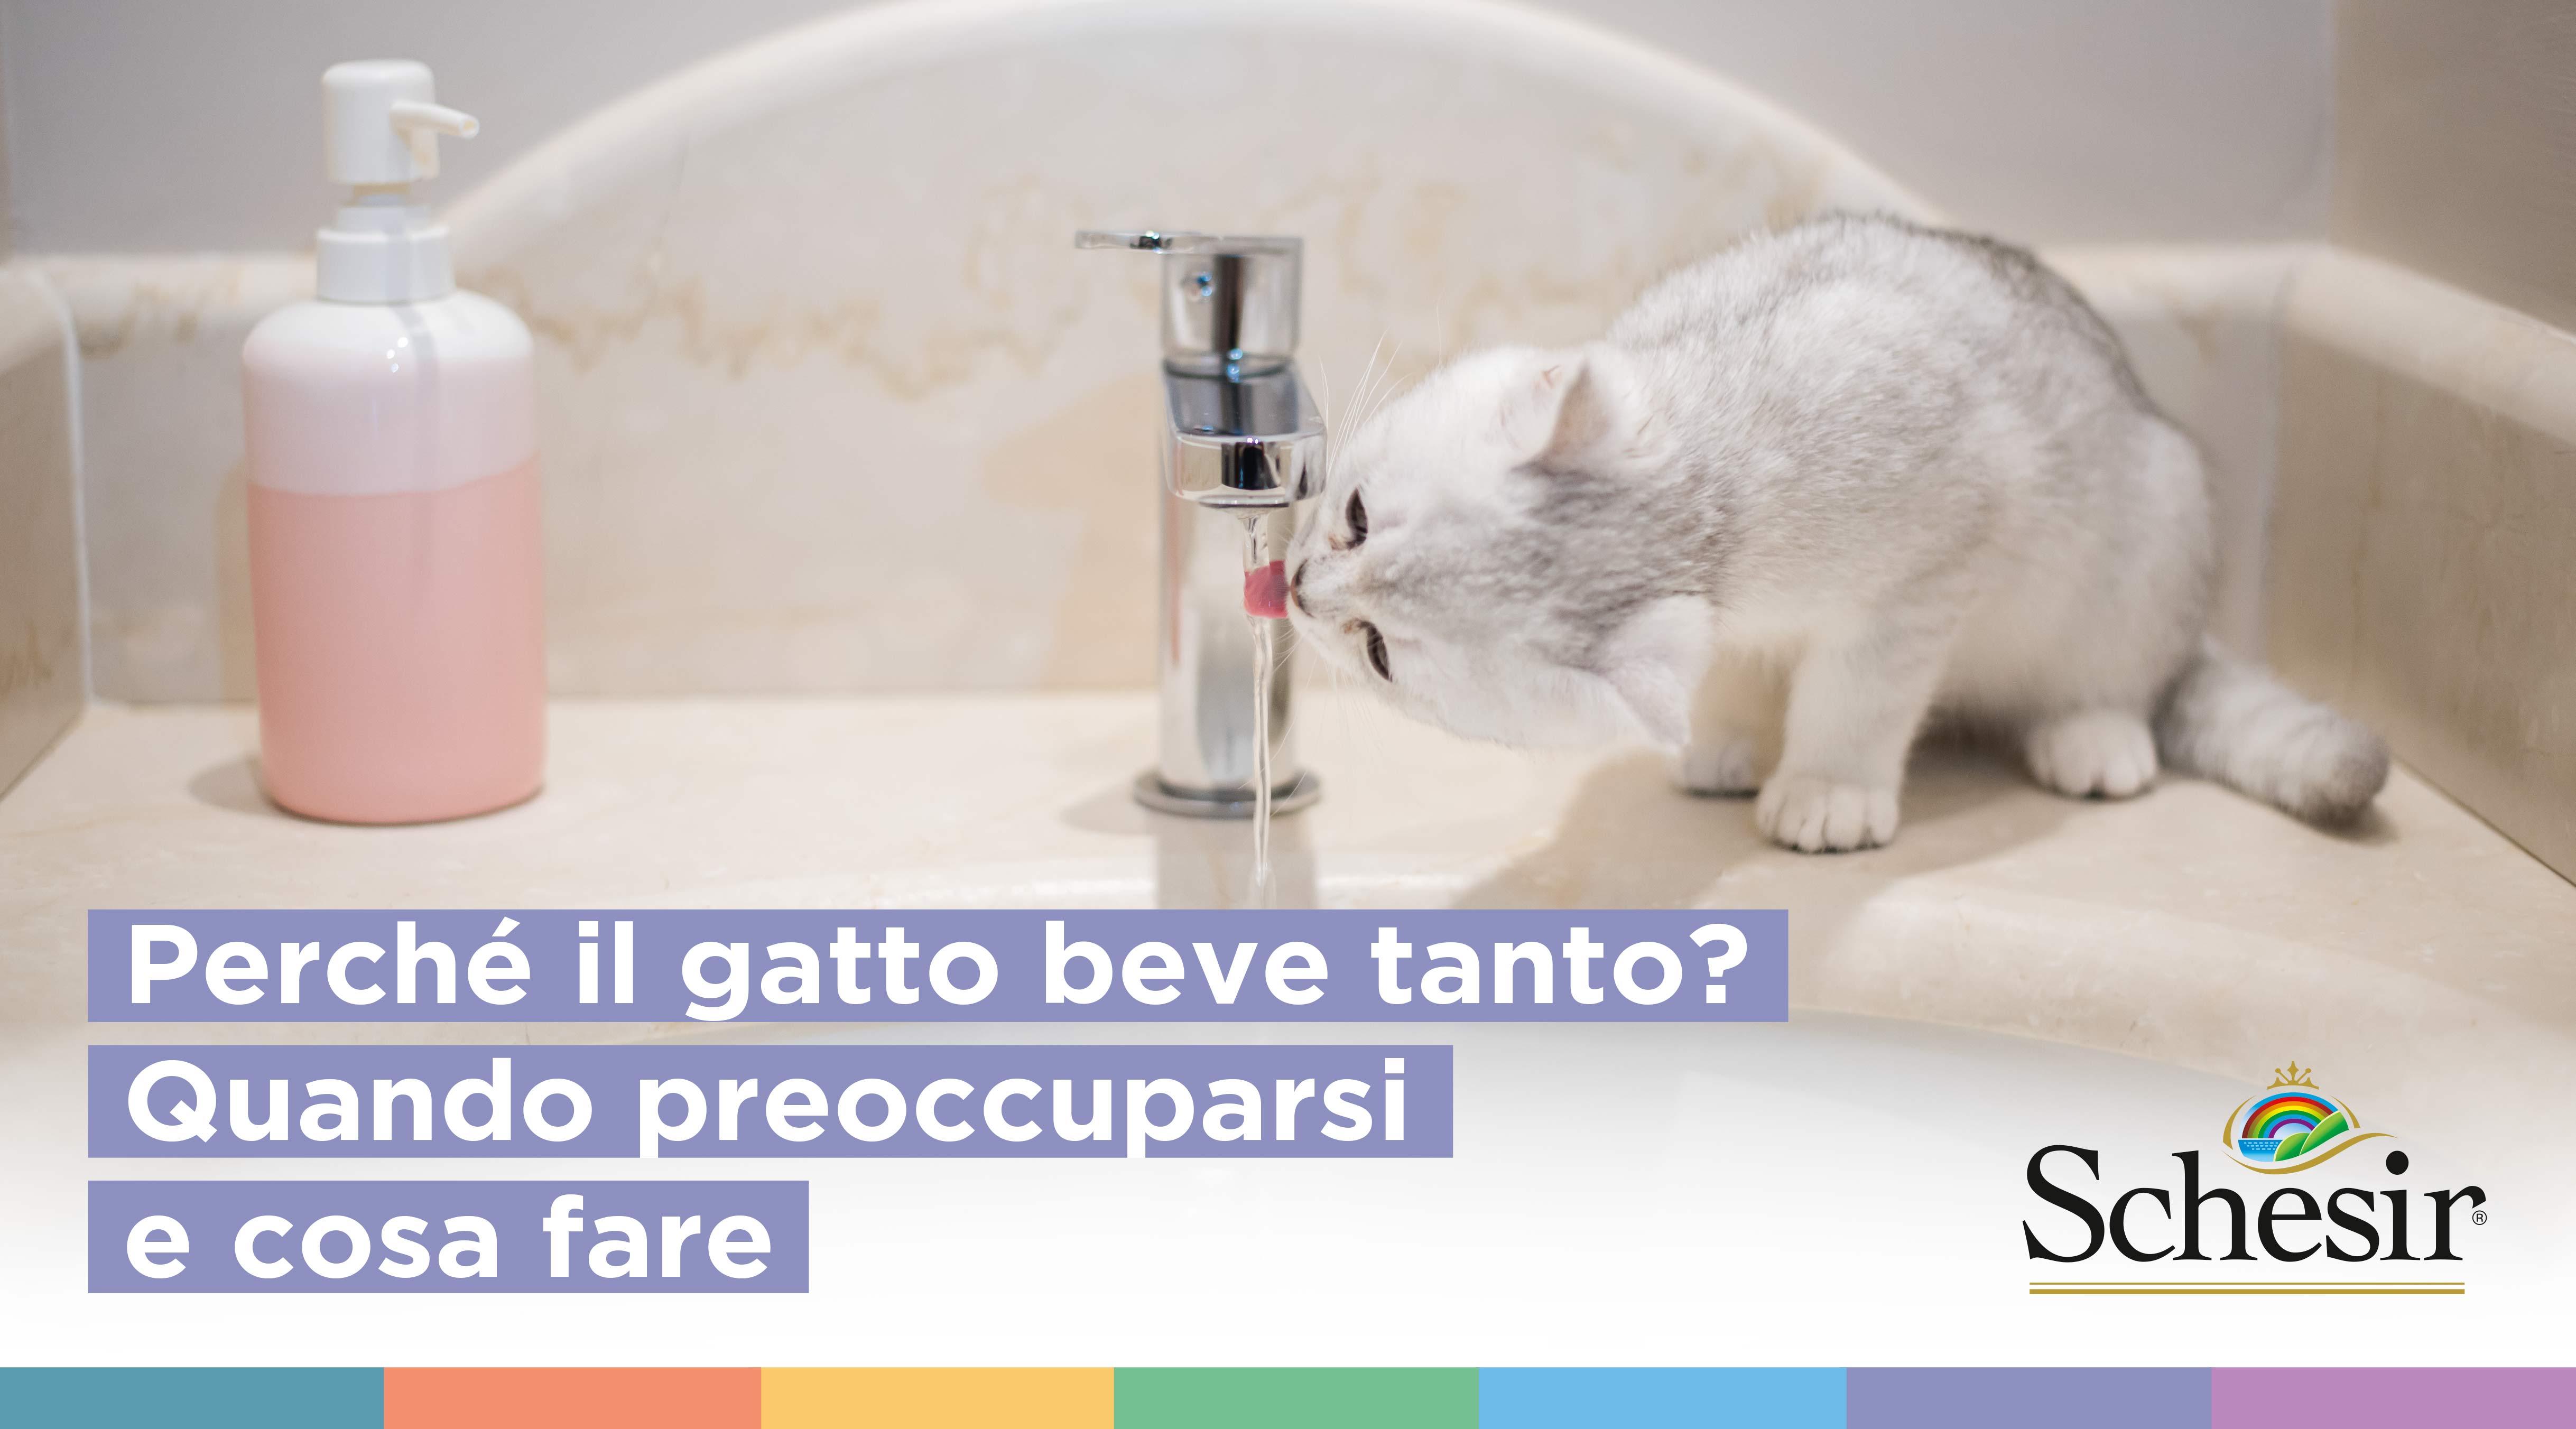 Perché il gatto beve tanto? Quando preoccuparsi e cosa fare, Schesir